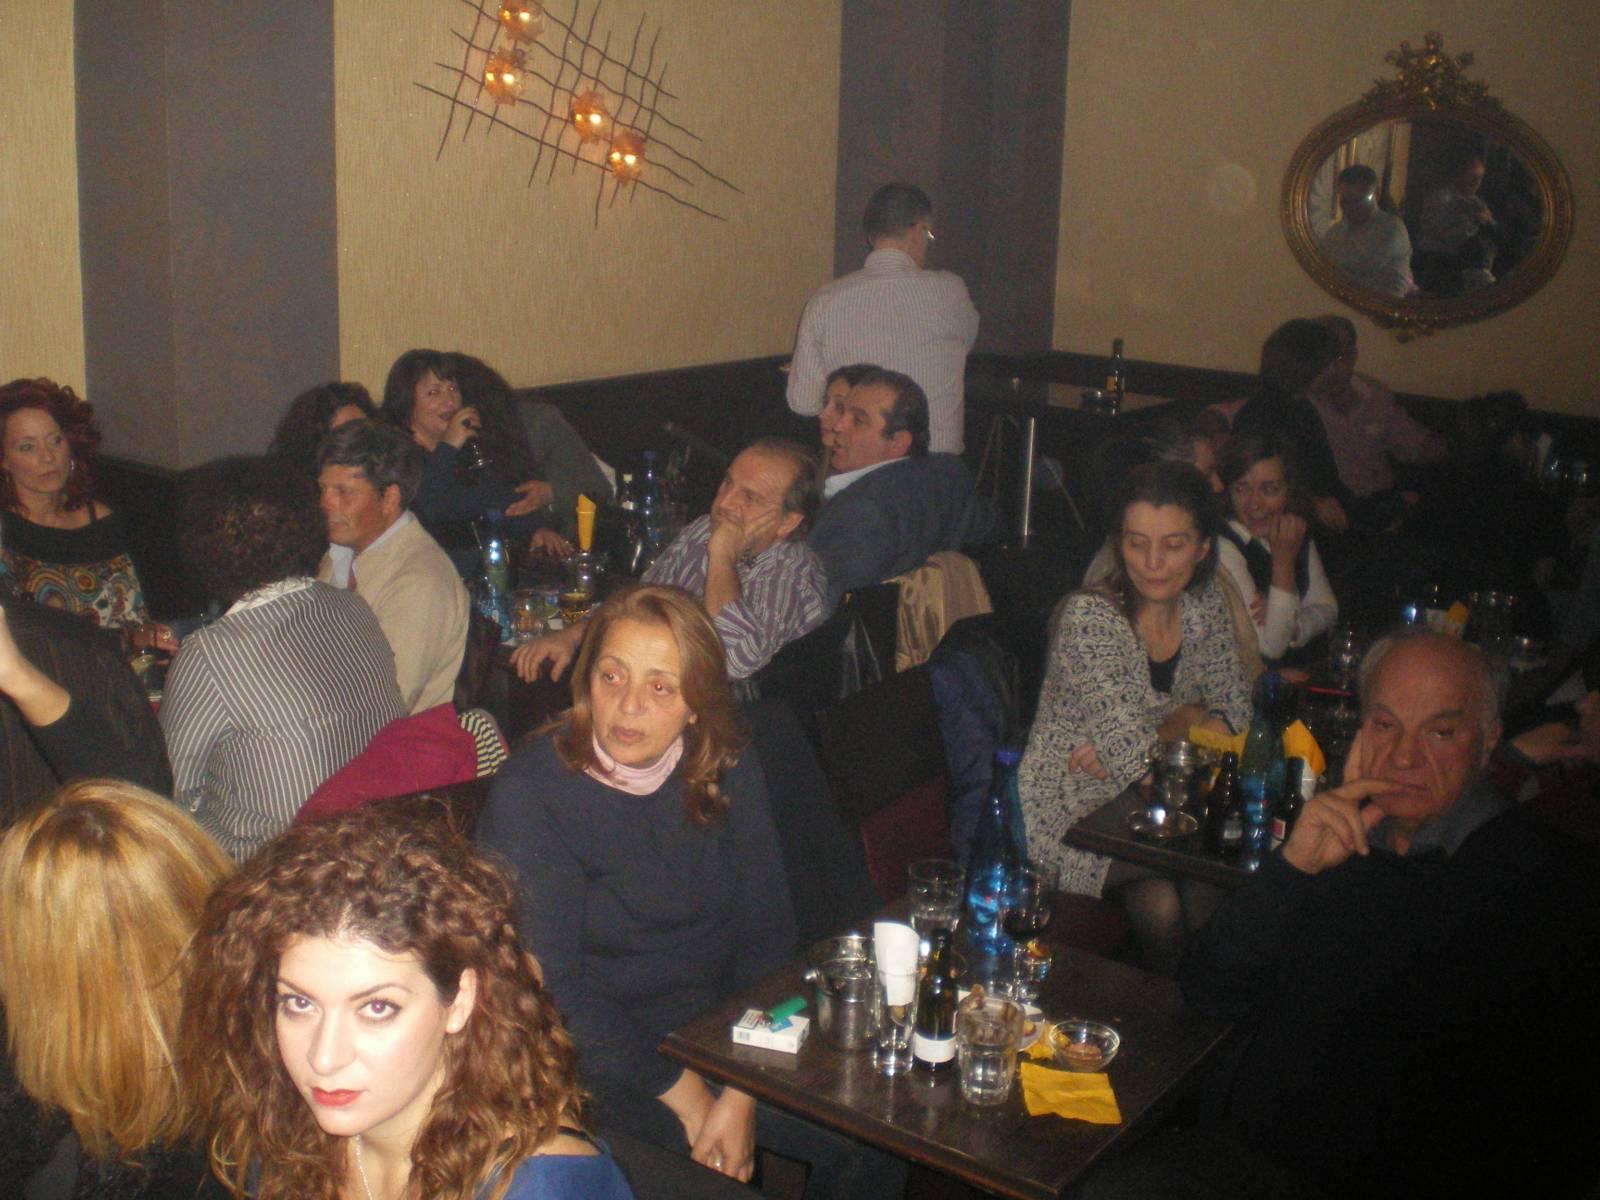 Έντεχνη λαϊκή βραδιά στο Bo Cafe  στην Κοζάνη, το Σάββατο 22 Νοεμβρίου